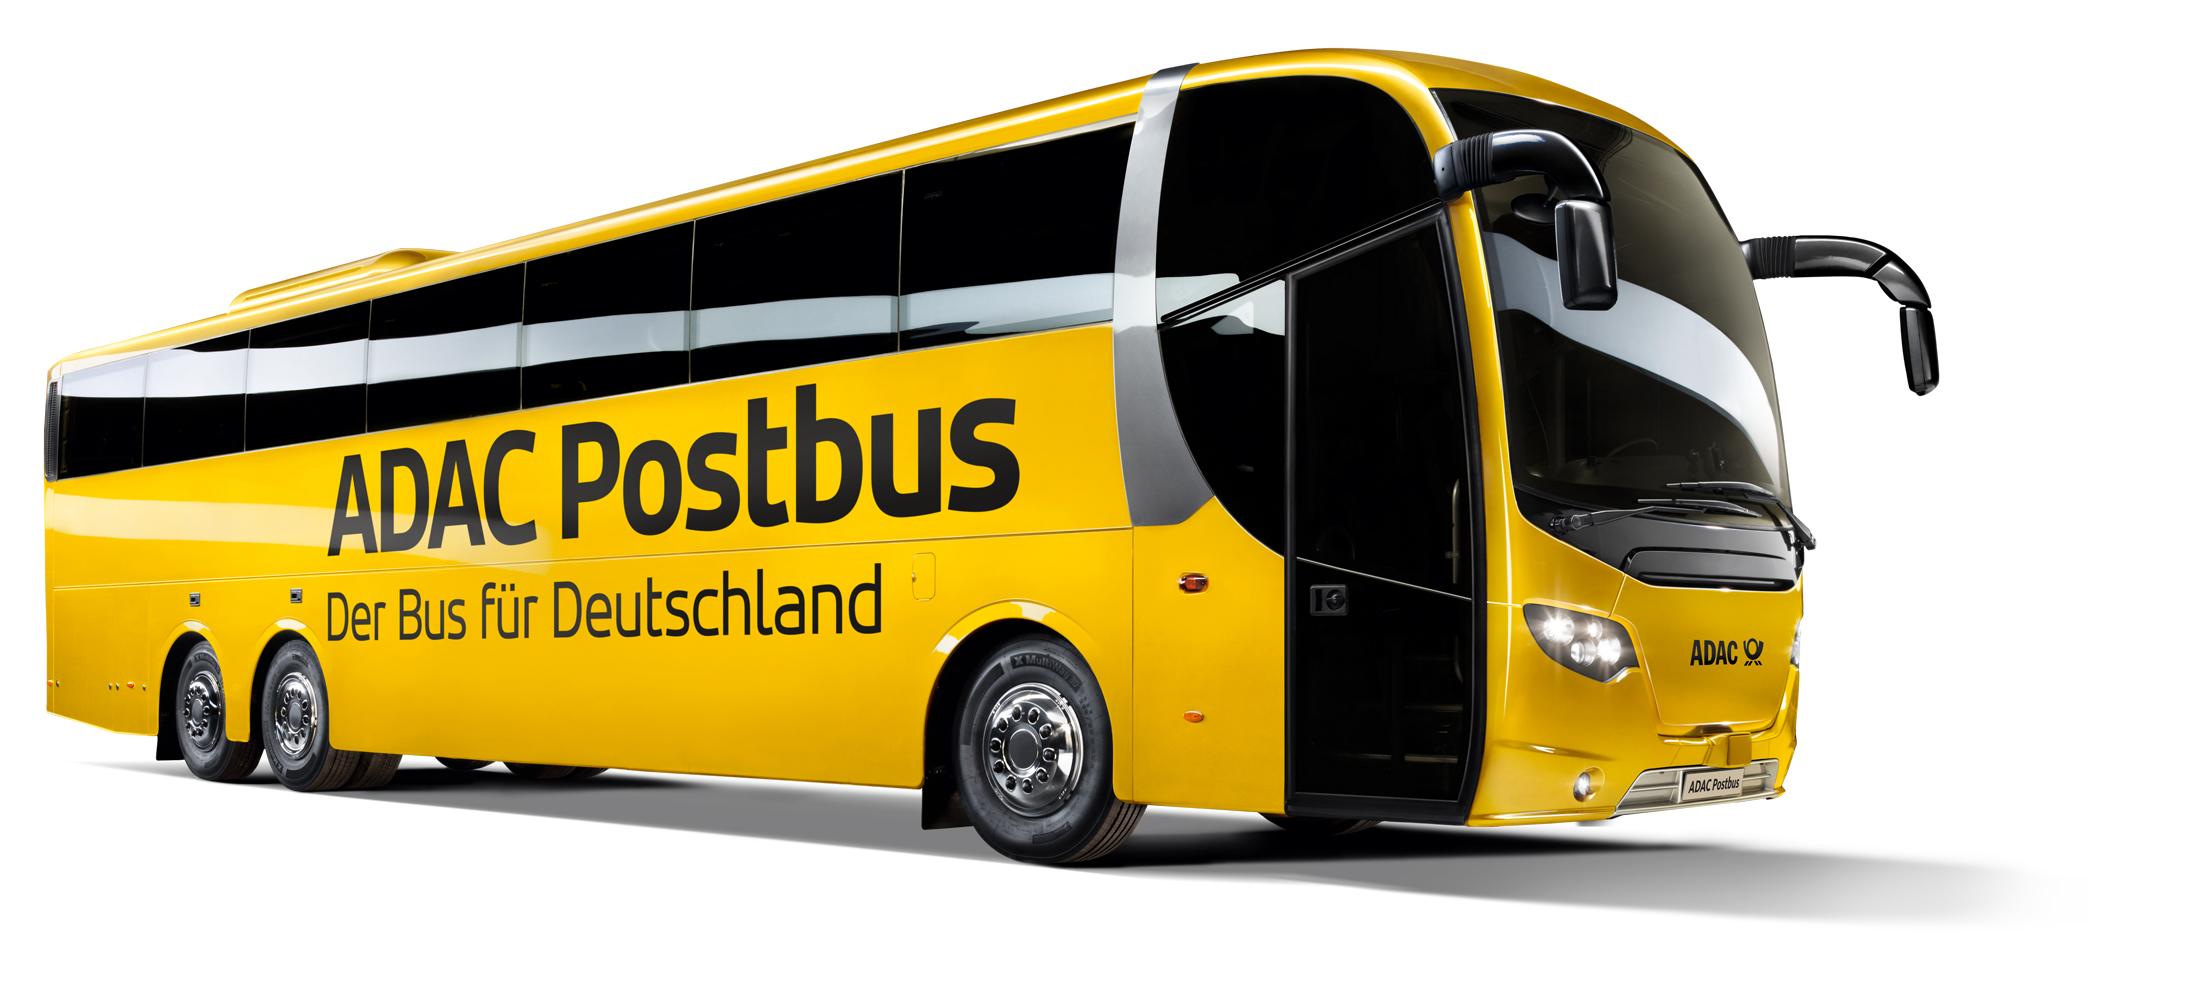 ADAC trekt zich terug uit busonderneming